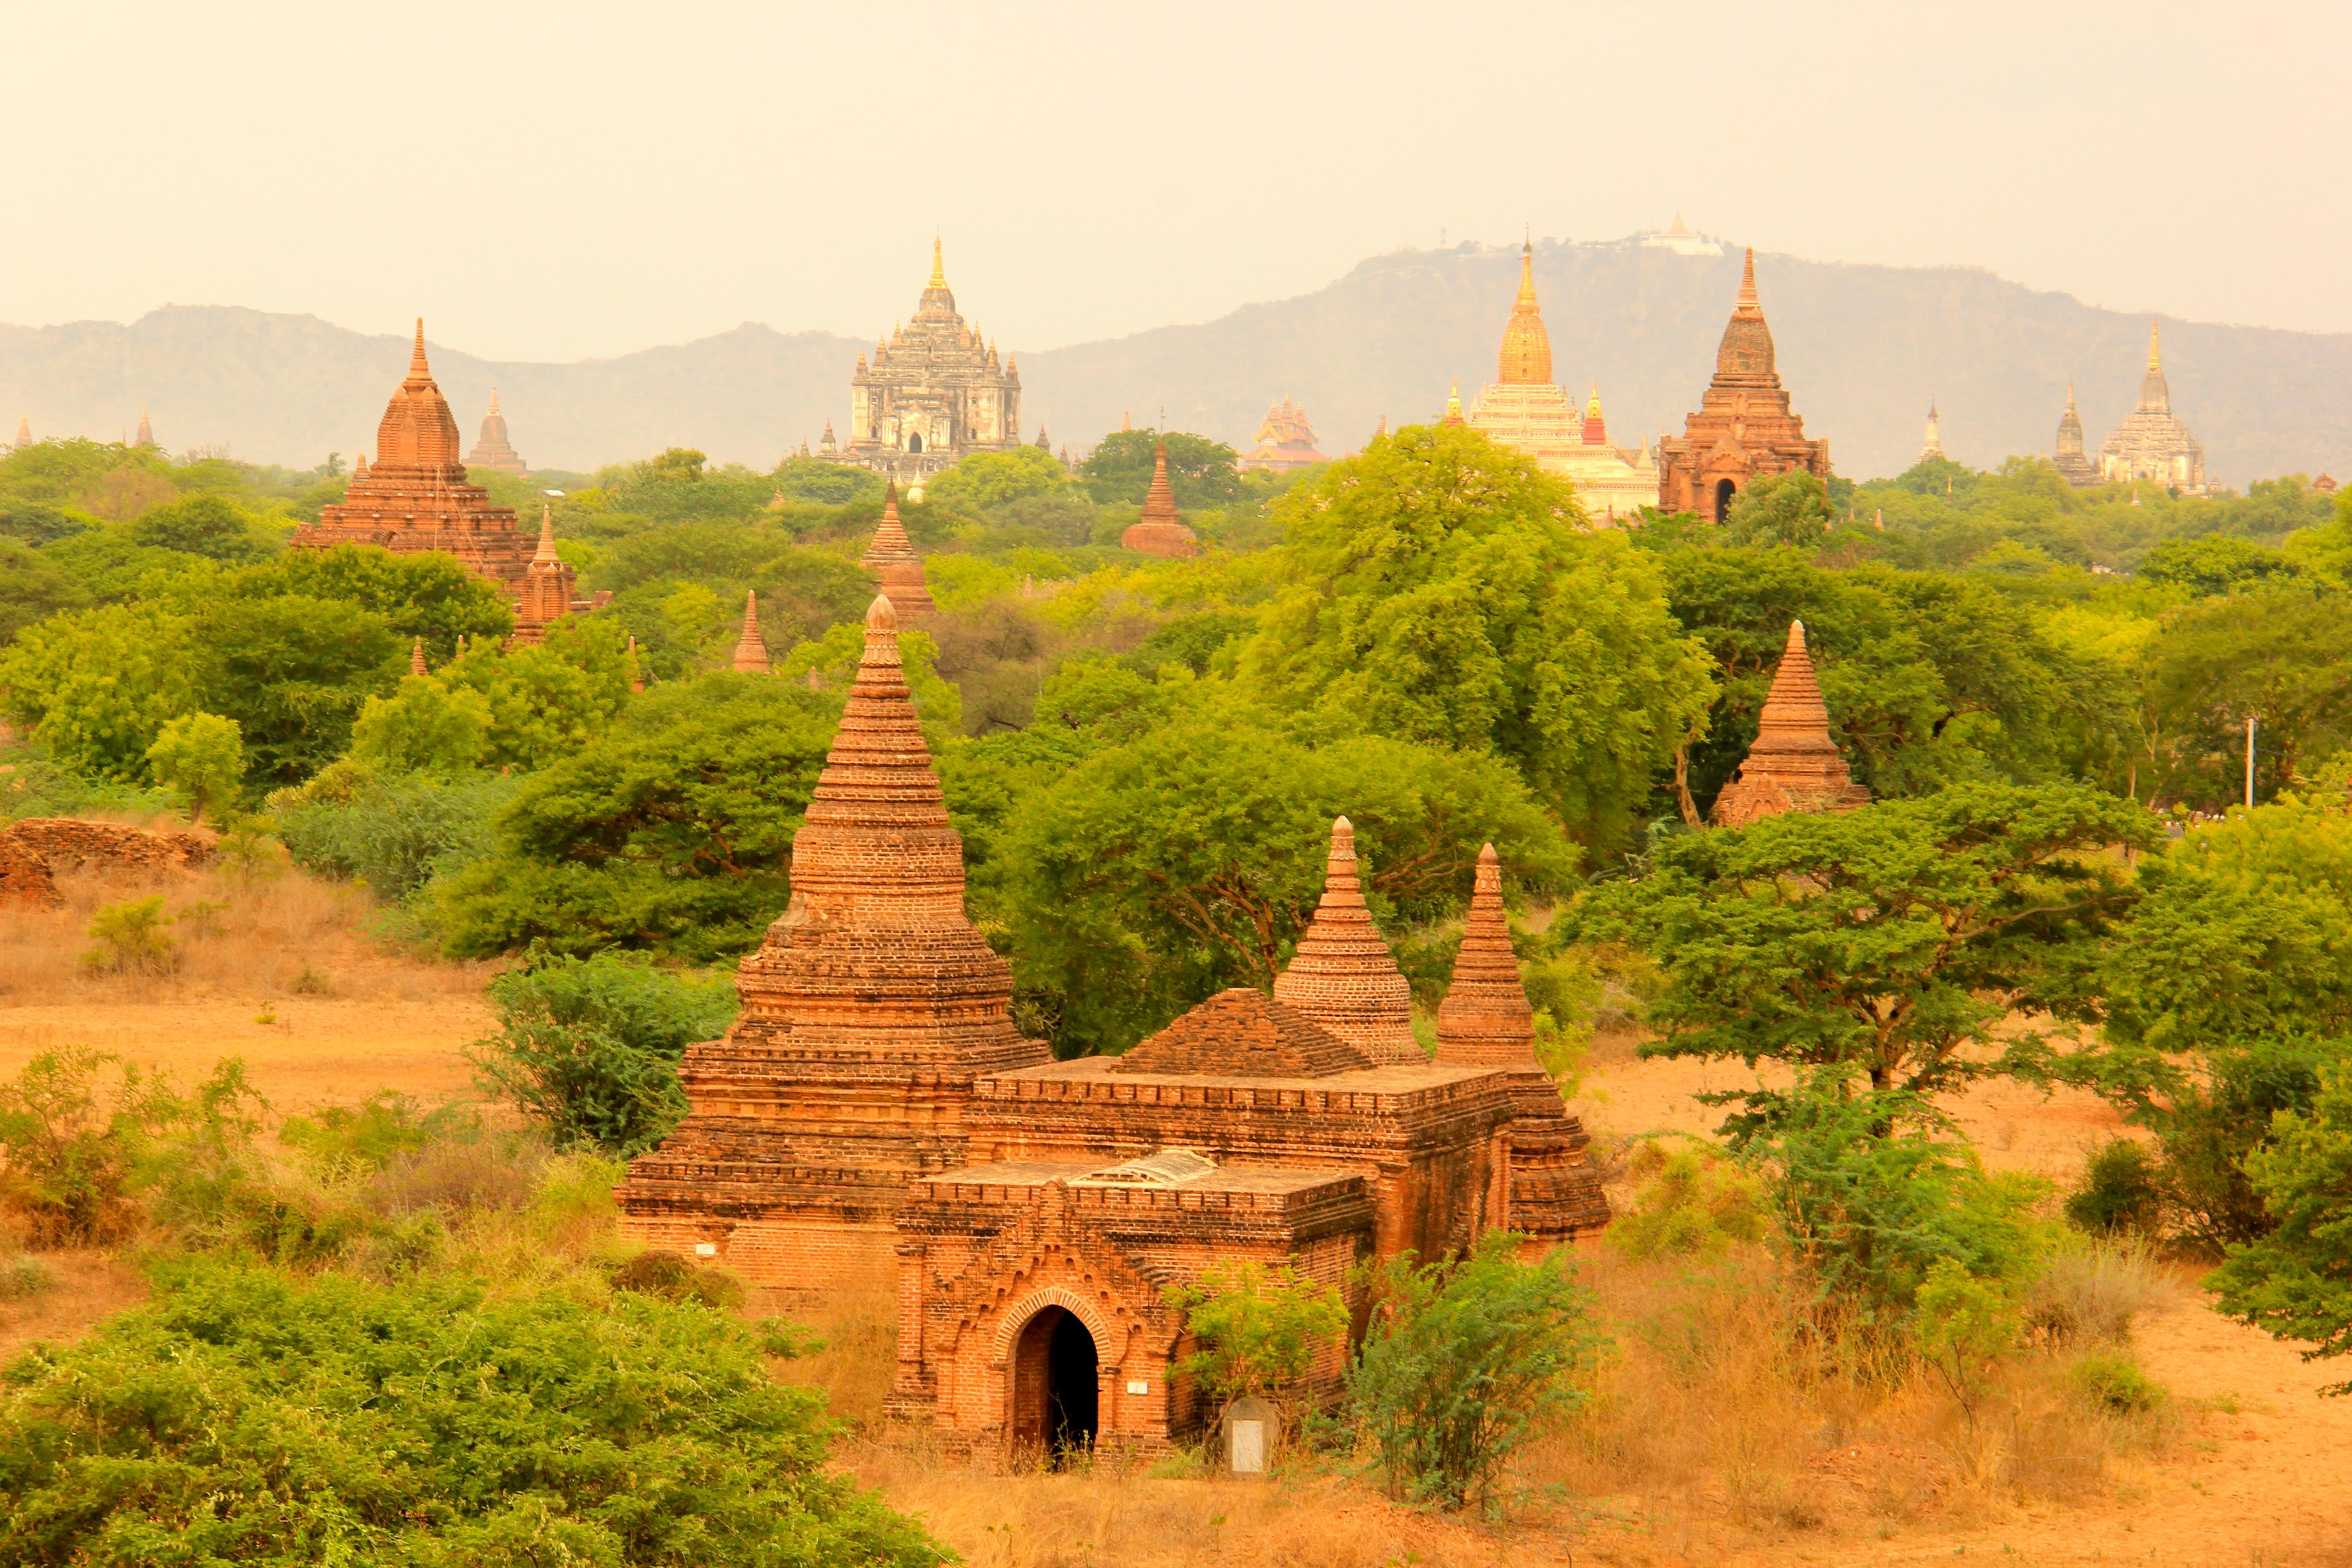 A incrível Bagan e seus 3 mil templos